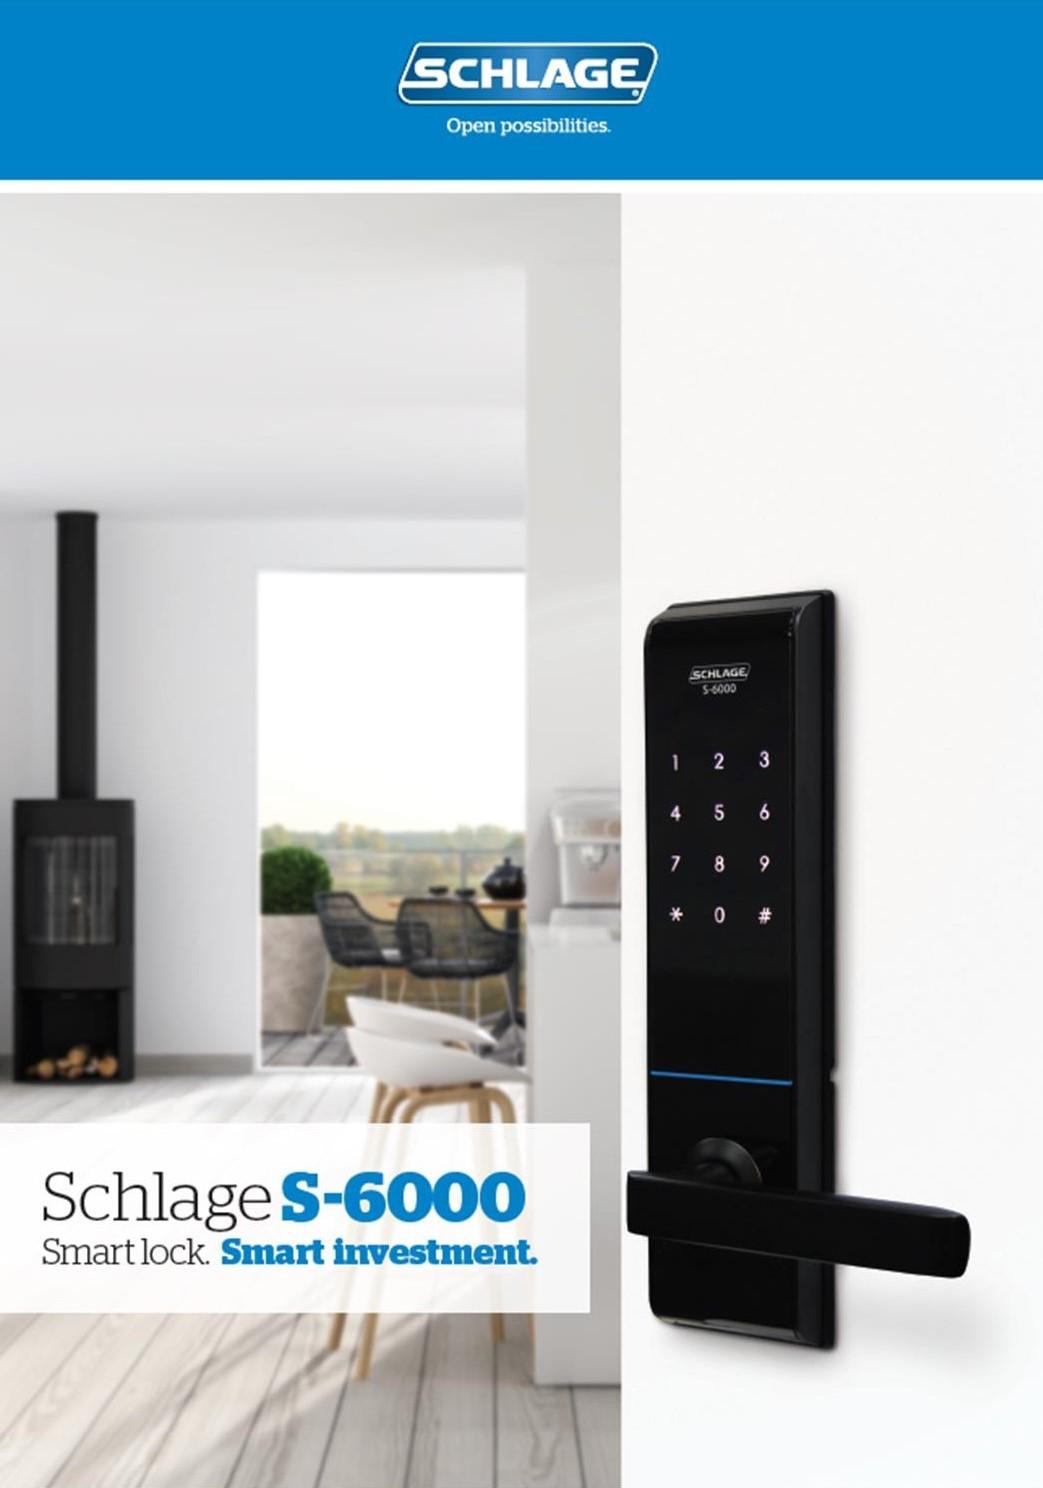 SCHLAGE S-6000 Electronic Smart Locks Brochure